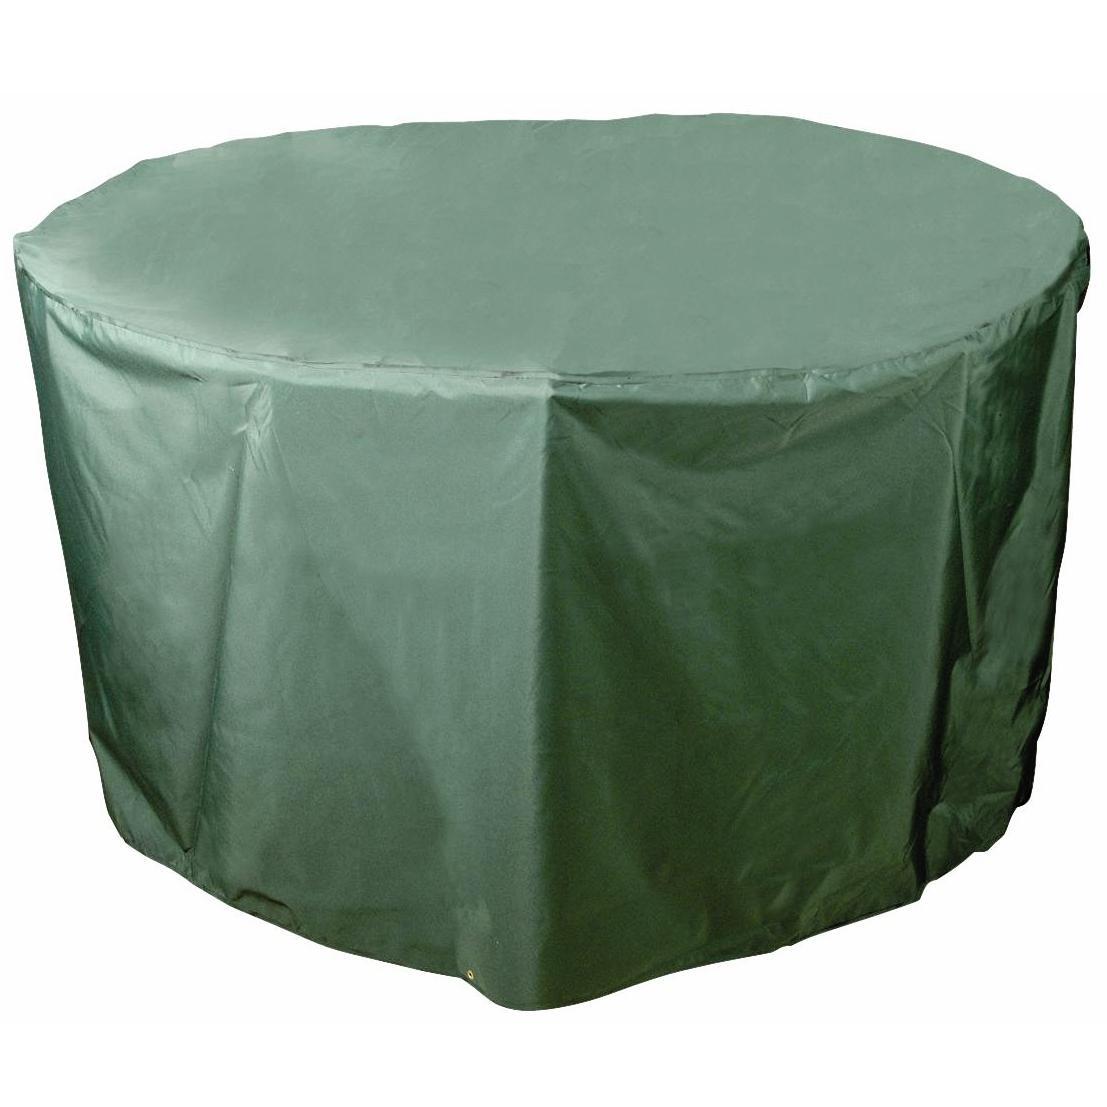 Tesco Garden Furniture Cover Round 124cm. Tesco Garden Furniture Cover Round 124cm    19 99   Oypla